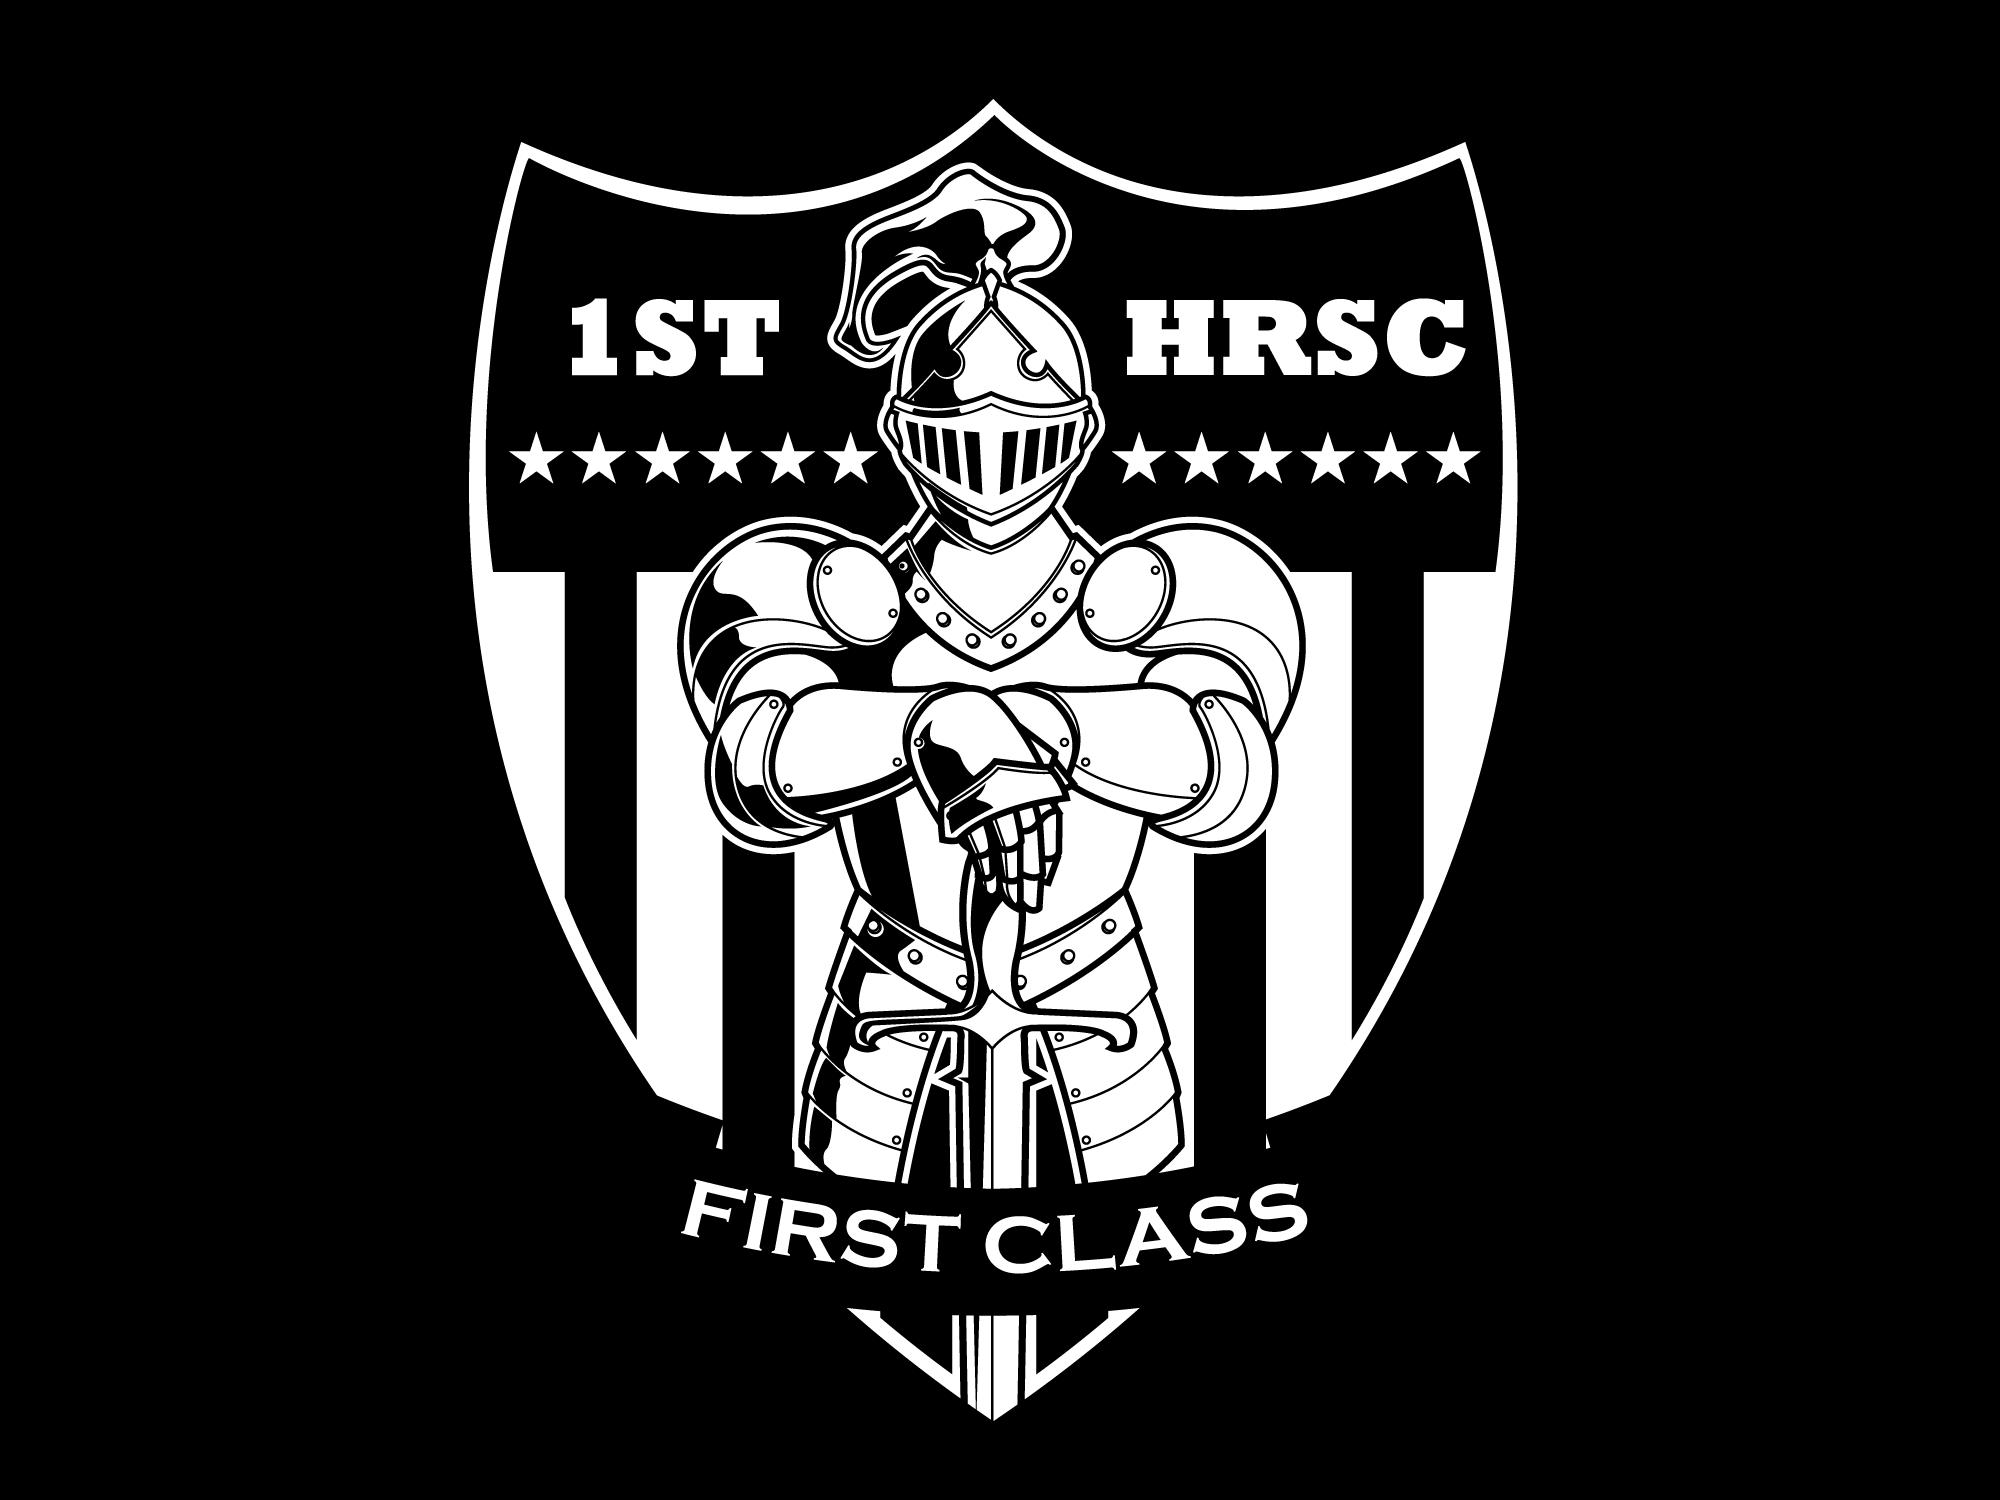 1st HRSC Unit Crest